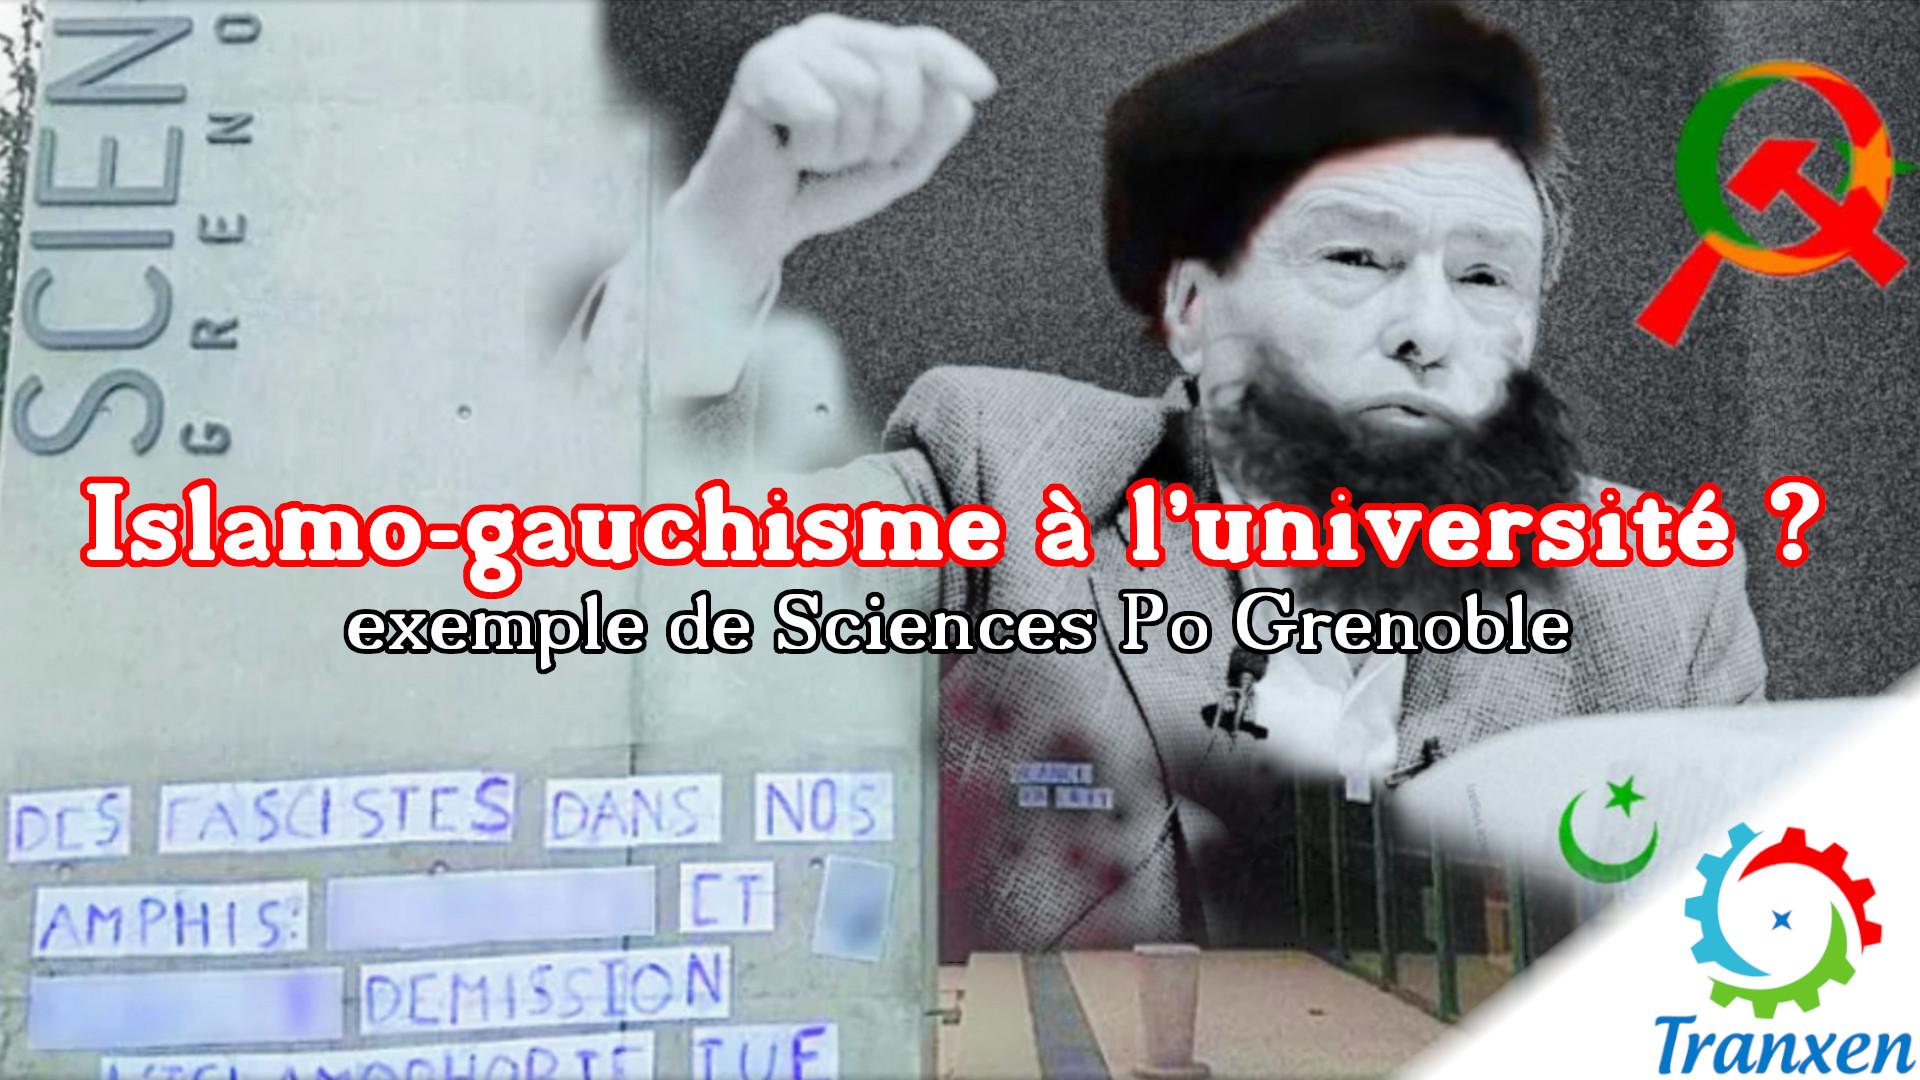 Islamo-gauchisme à l'université? (non) – Exemple de Sciences Po Grenoble.